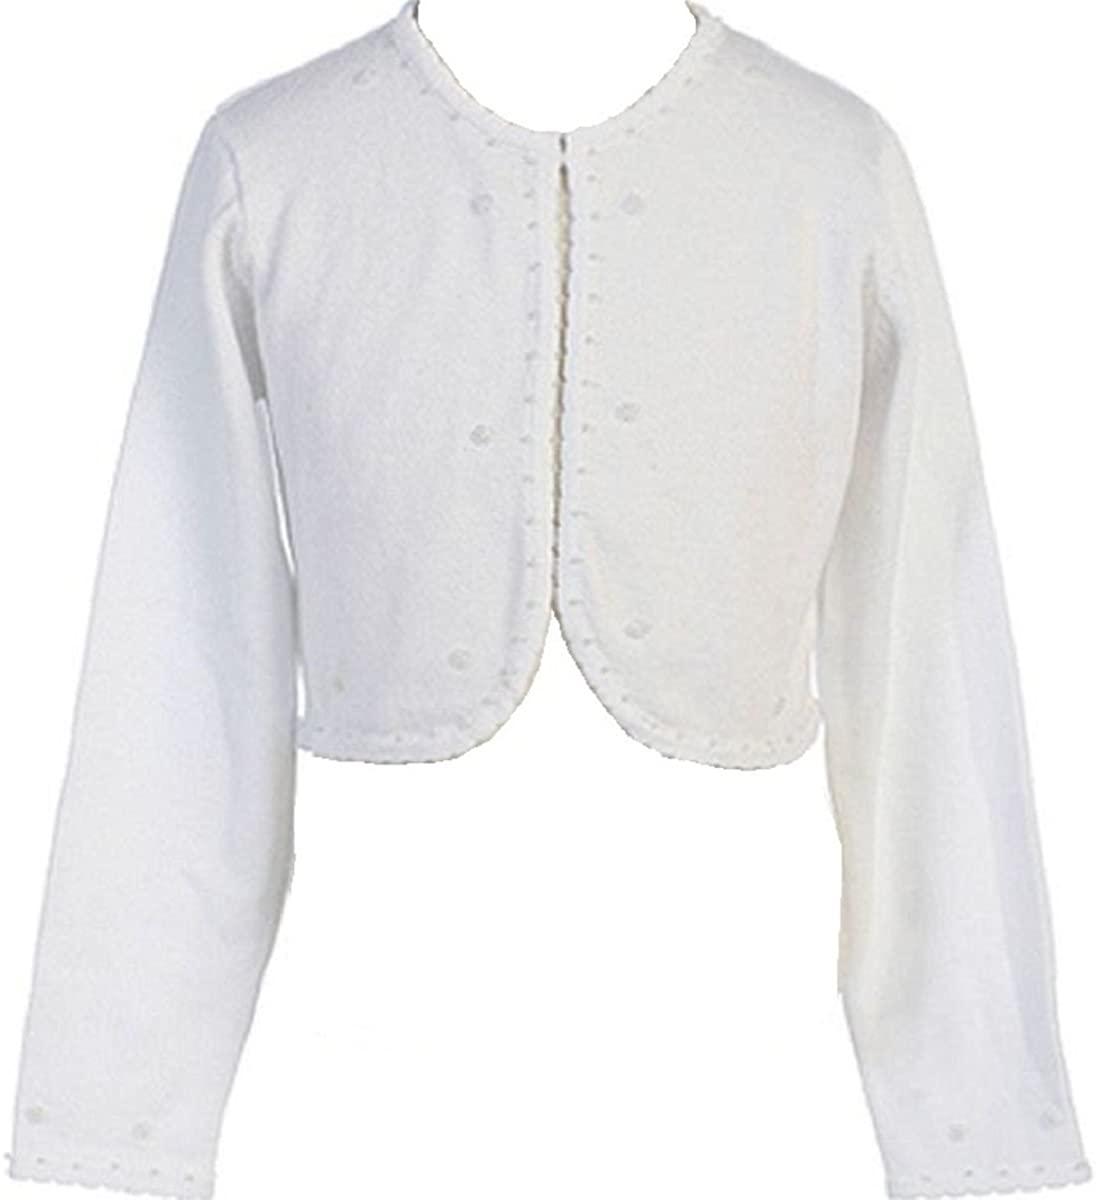 Little Girls Beaded Knit Cotton Bolero Shrug Sweater for Flower Girl Communion